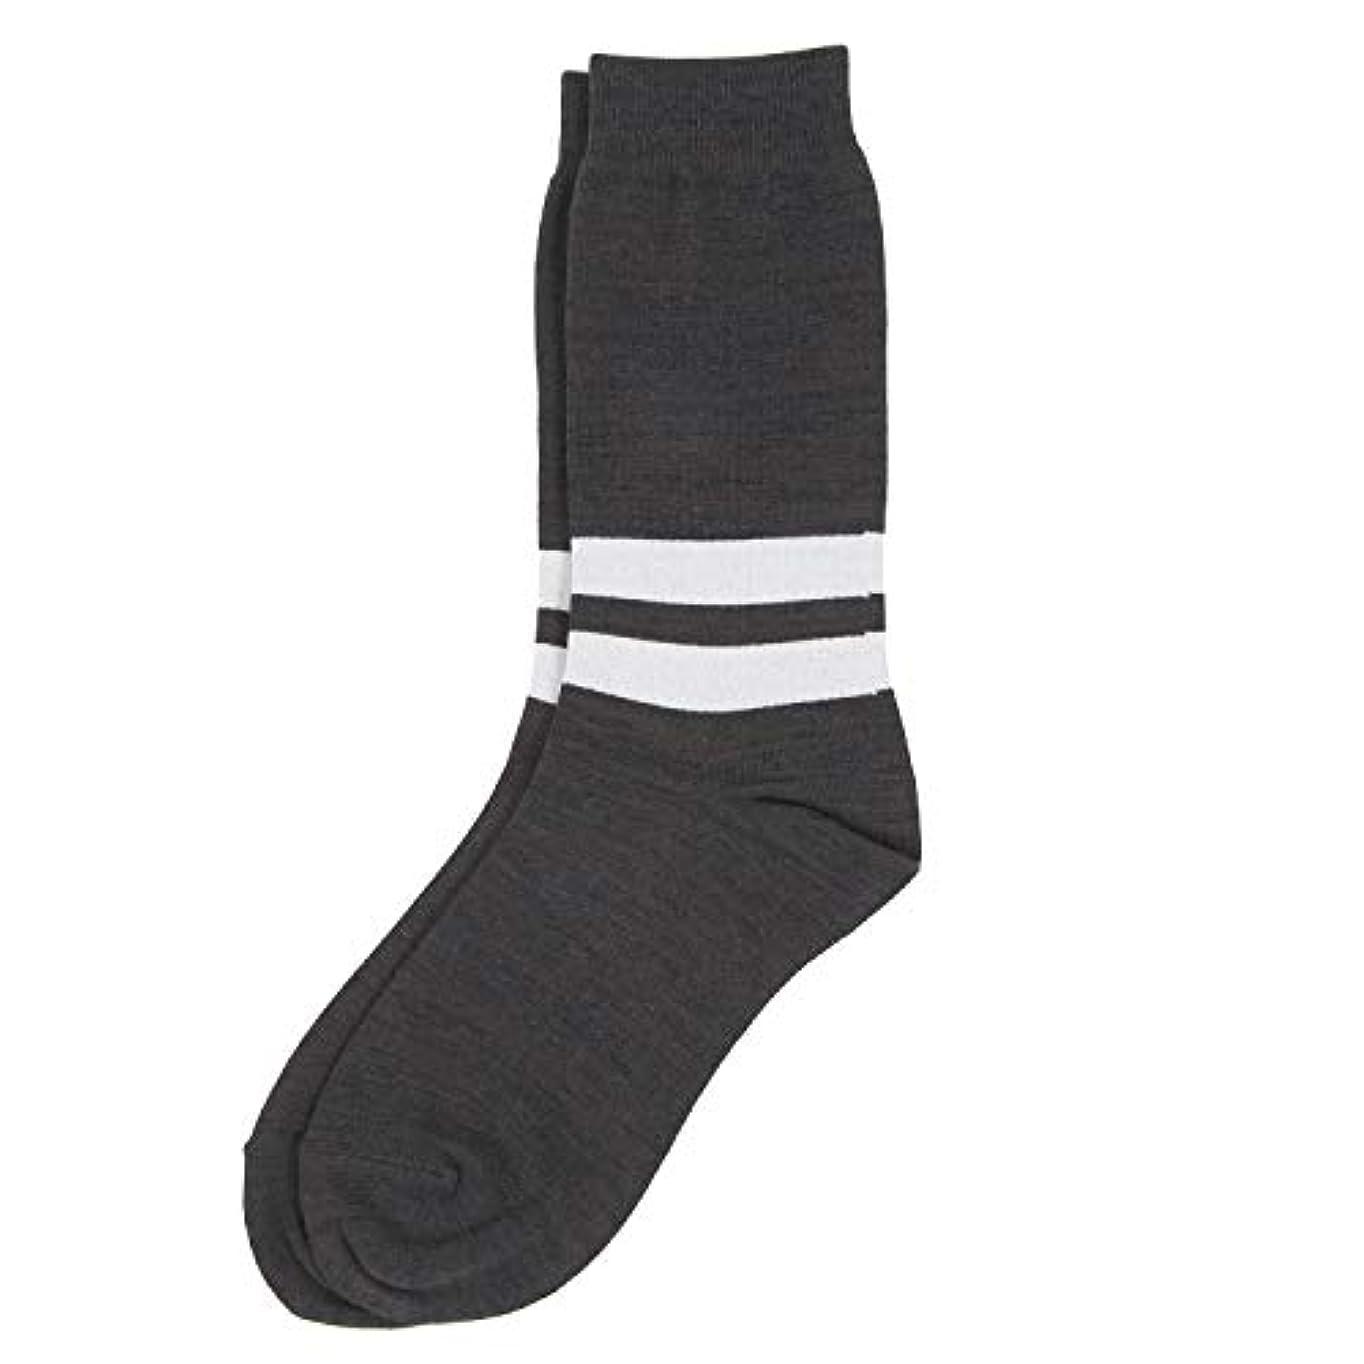 リップベンチャーコンテンツDeol(デオル) ラインソックス 男性用 メンズ [足のニオイ対策] 長期間持続 日本製 無地 靴下 グレー 25cm-27cm